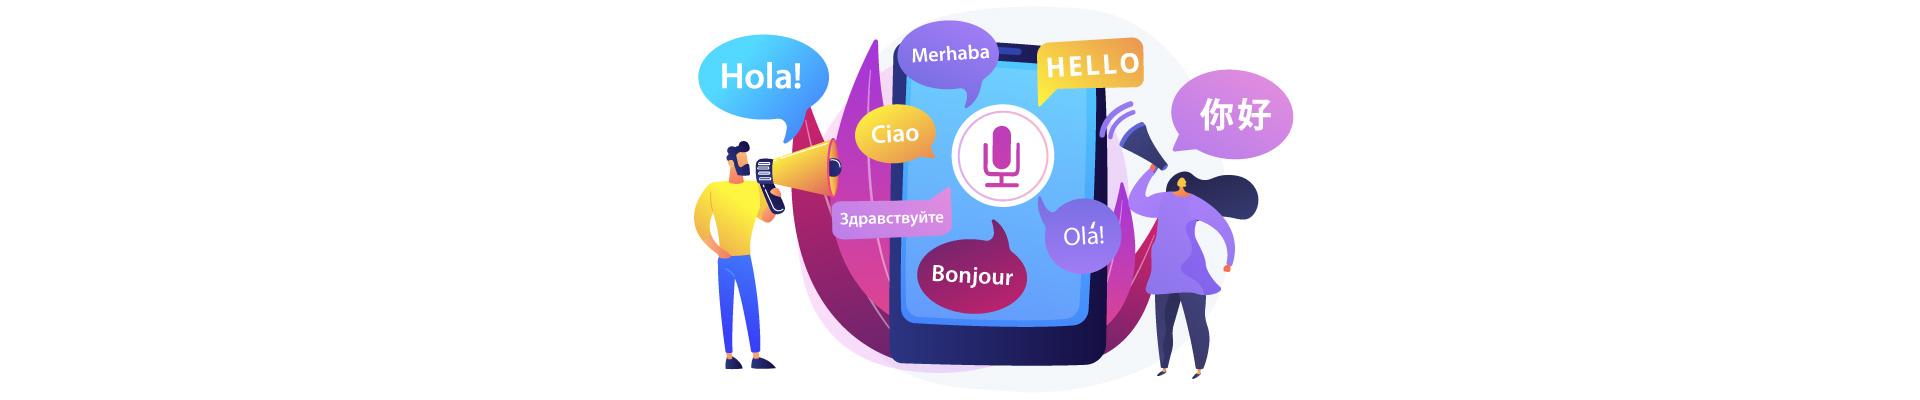 Wielojęzyczna strona internetowa – czemu służy i jak ją przygotować